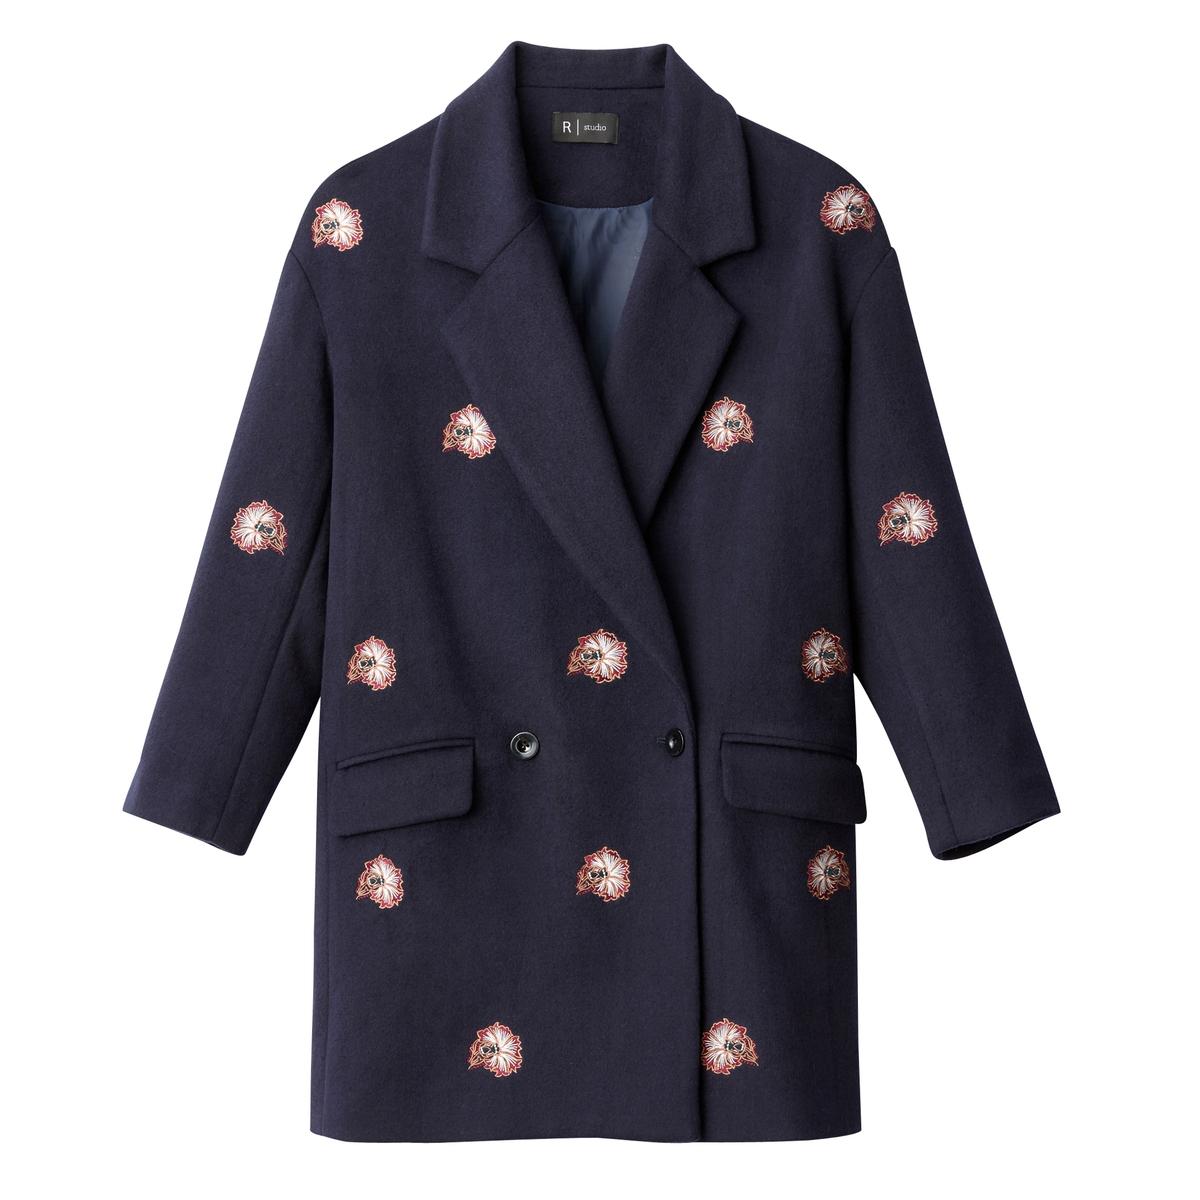 Пальто с вышивкойОписание:Пальто темно-синее с контрастной вышивкой . Английский воротник. Двубортная планка застежки. 2 кармана.Детали •  Длина  : средняя •  Воротник пиджачный •  Рисунок-принт • Застежка на пуговицыСостав и уход •  28% шерсти, 72% полиэстера •  Подкладка : 100% полиэстер • Не стирать   •  Любые растворитель / не отбеливать   •  Не использовать барабанную сушку •  Не гладить •  Длина  : 88 см<br><br>Цвет: темно-синий с вышивкой<br>Размер: 46 (FR) - 52 (RUS).40 (FR) - 46 (RUS).38 (FR) - 44 (RUS).44 (FR) - 50 (RUS).34 (FR) - 40 (RUS)